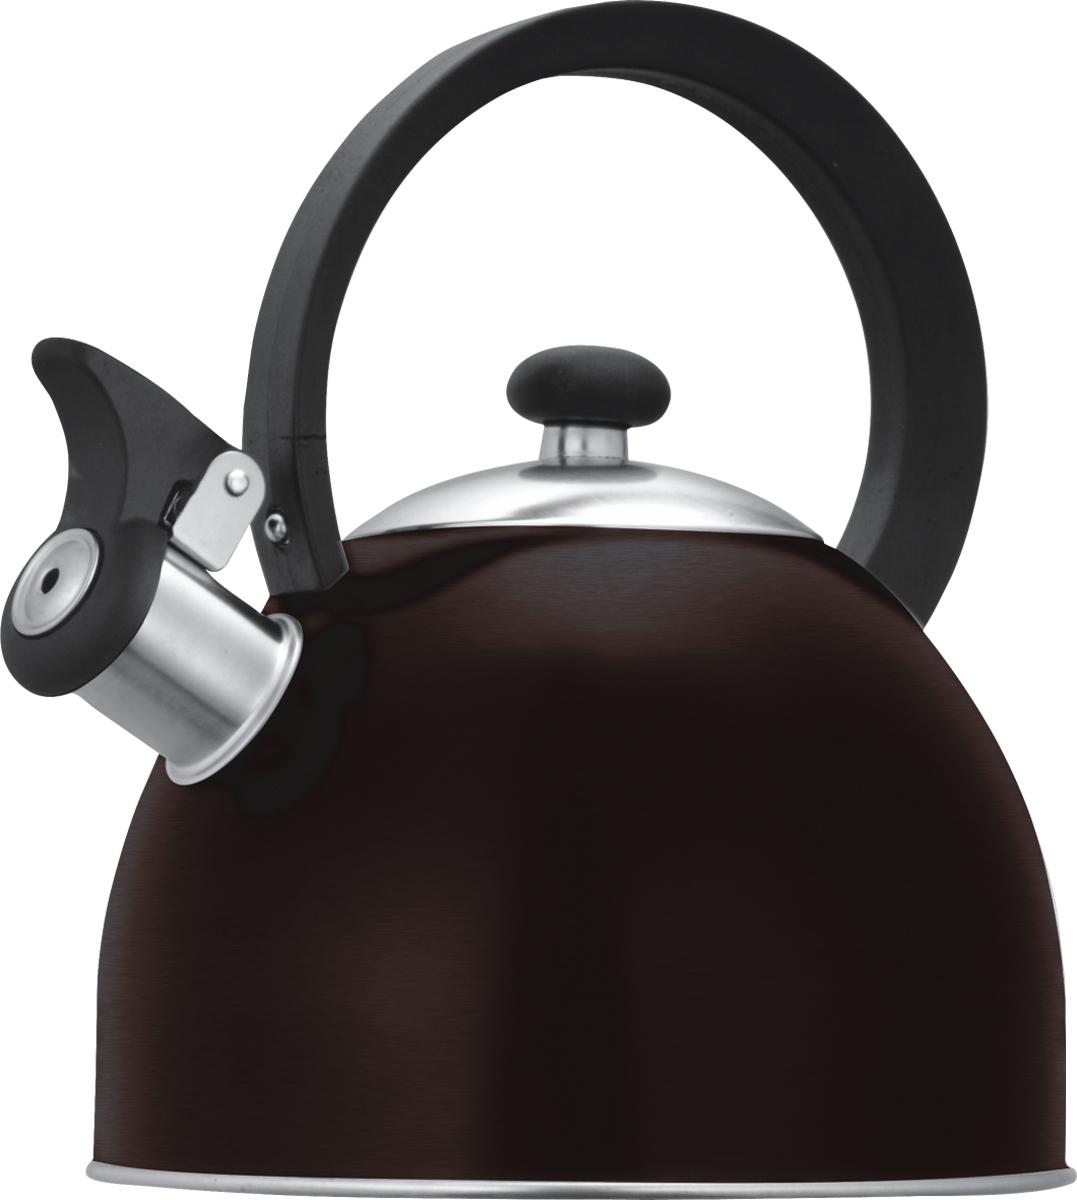 Чайник со свистком Lumme, цвет: шоколад, 1,8 л. LU-256LU-256 шоколадцветной со свистком 1,8л нержавеющая сталь, фиксированная ручка